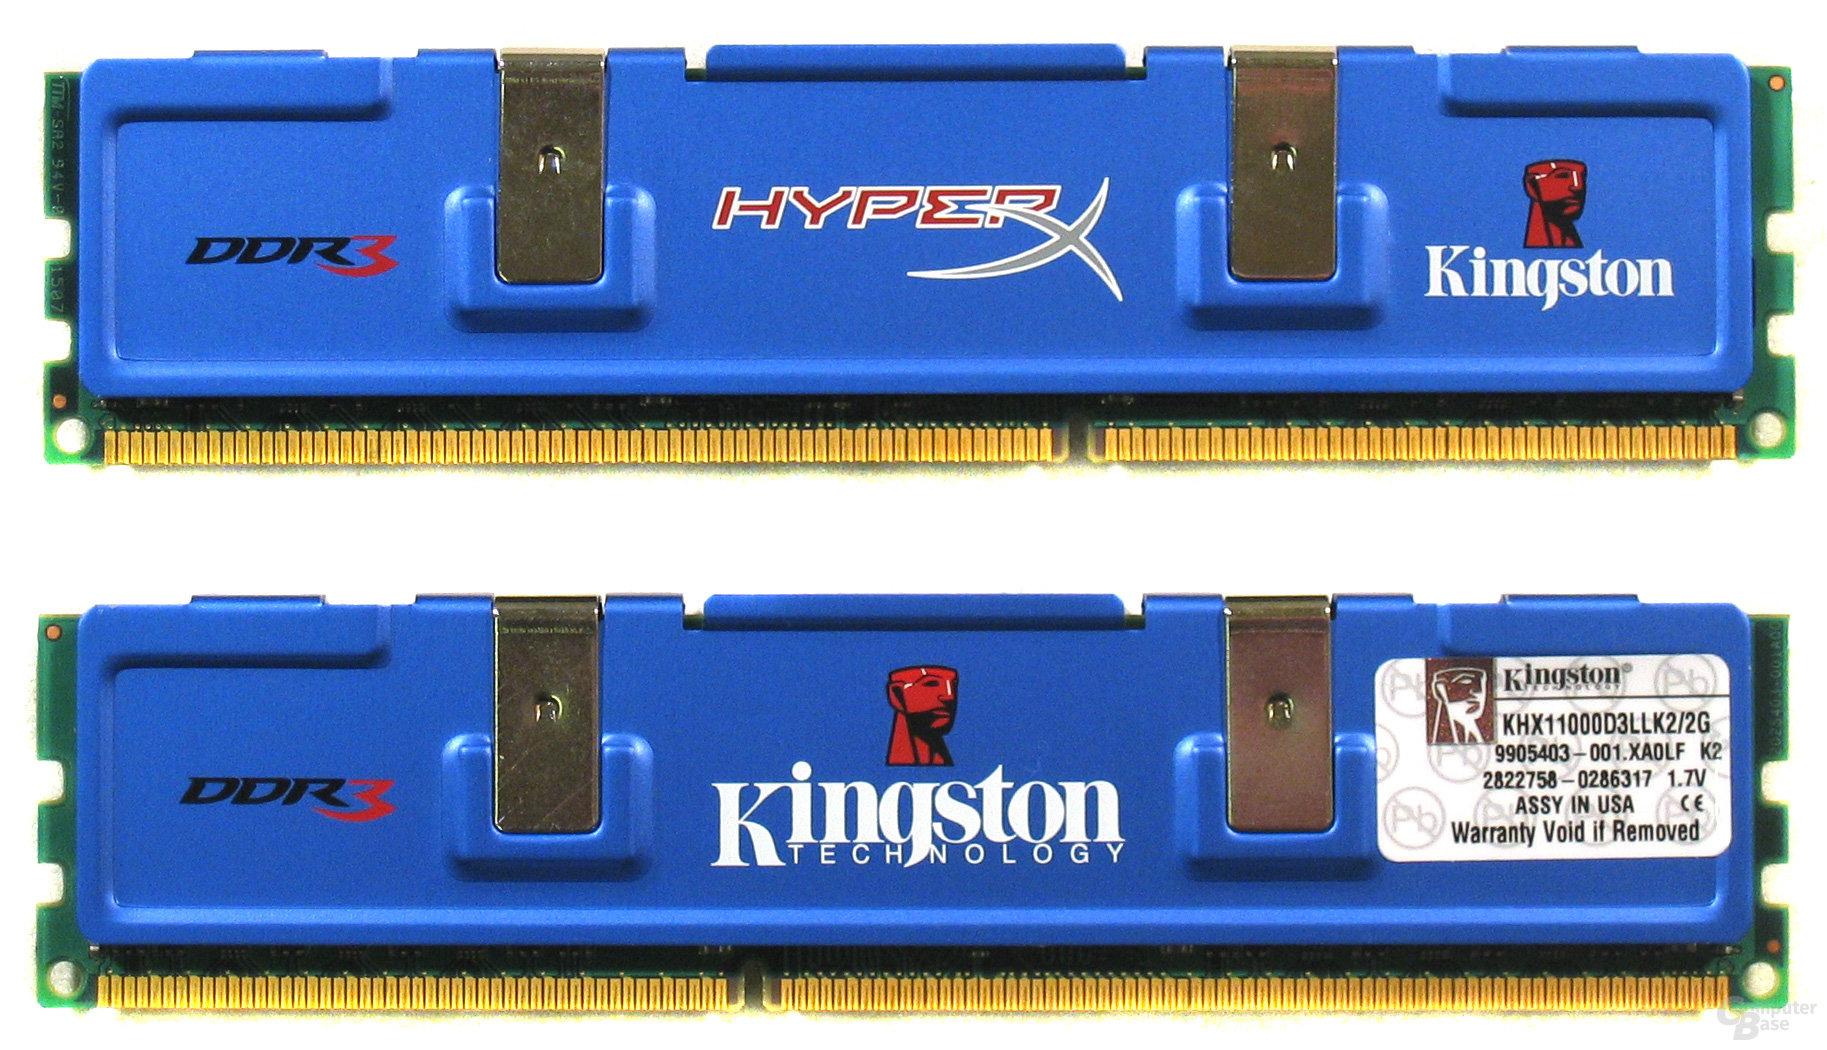 Kingston HyperX DDR3-RAM